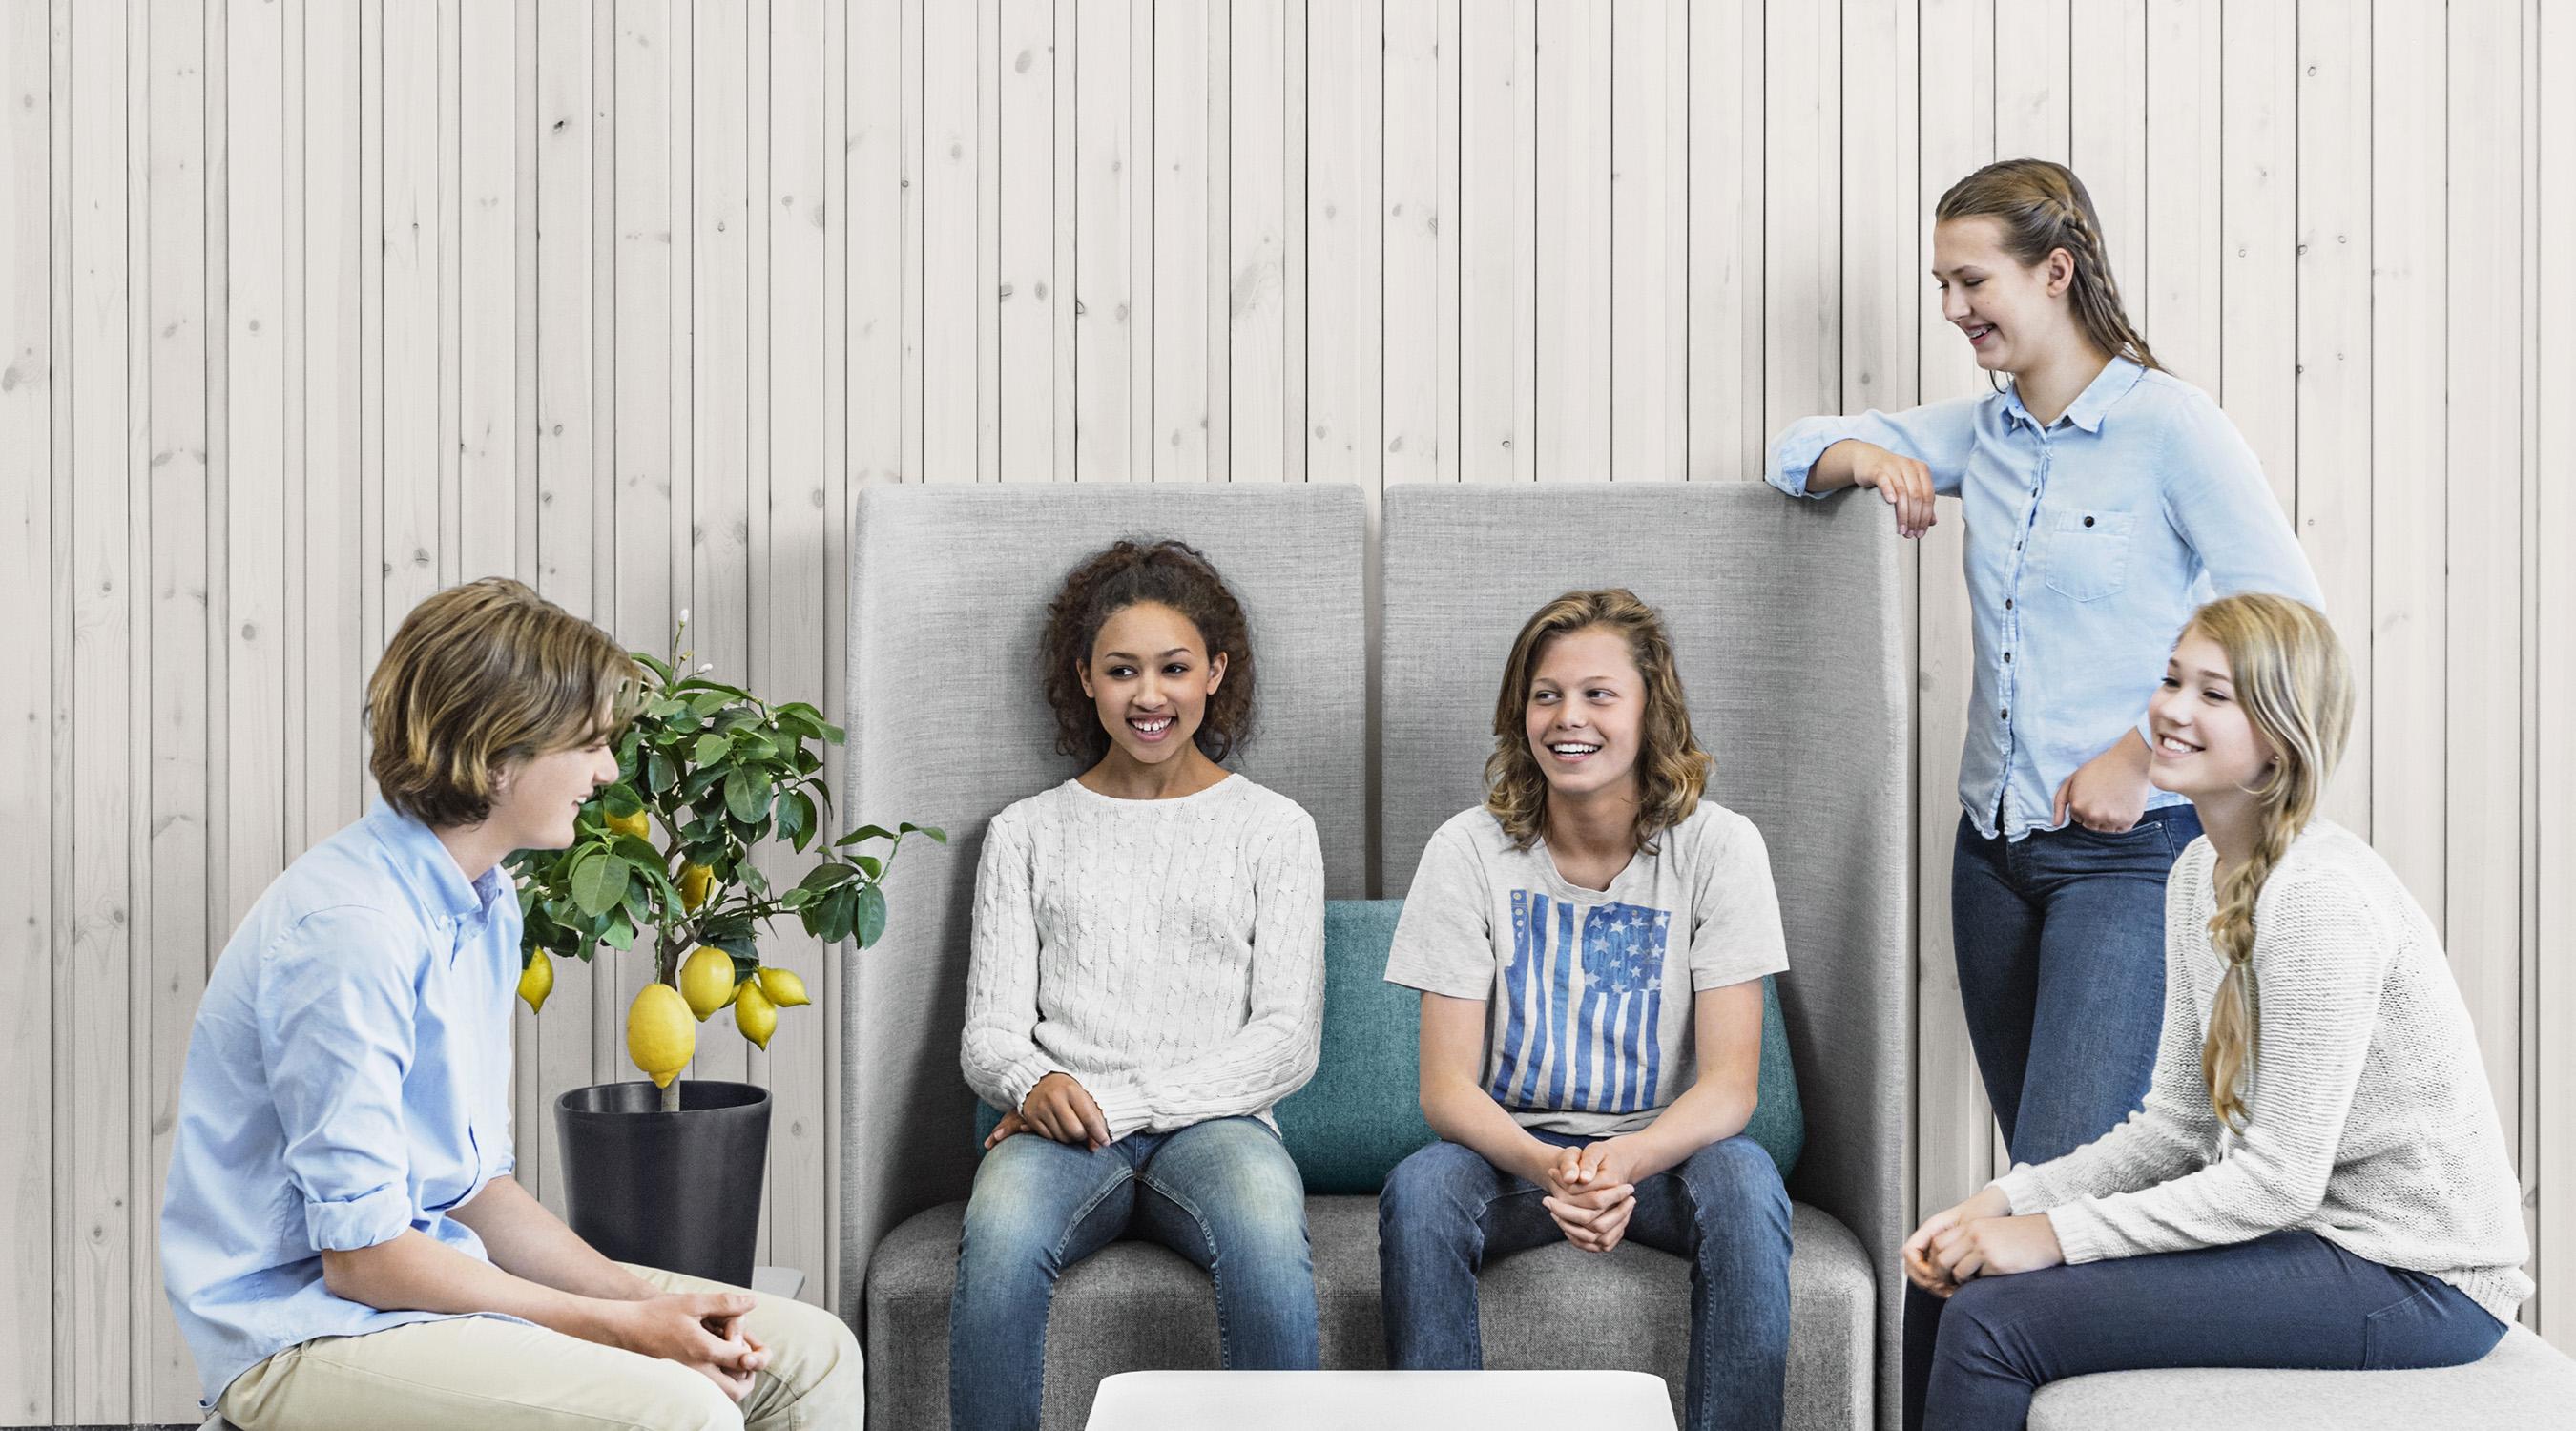 adult dating program för mogna män yngre 40 i ängelholm